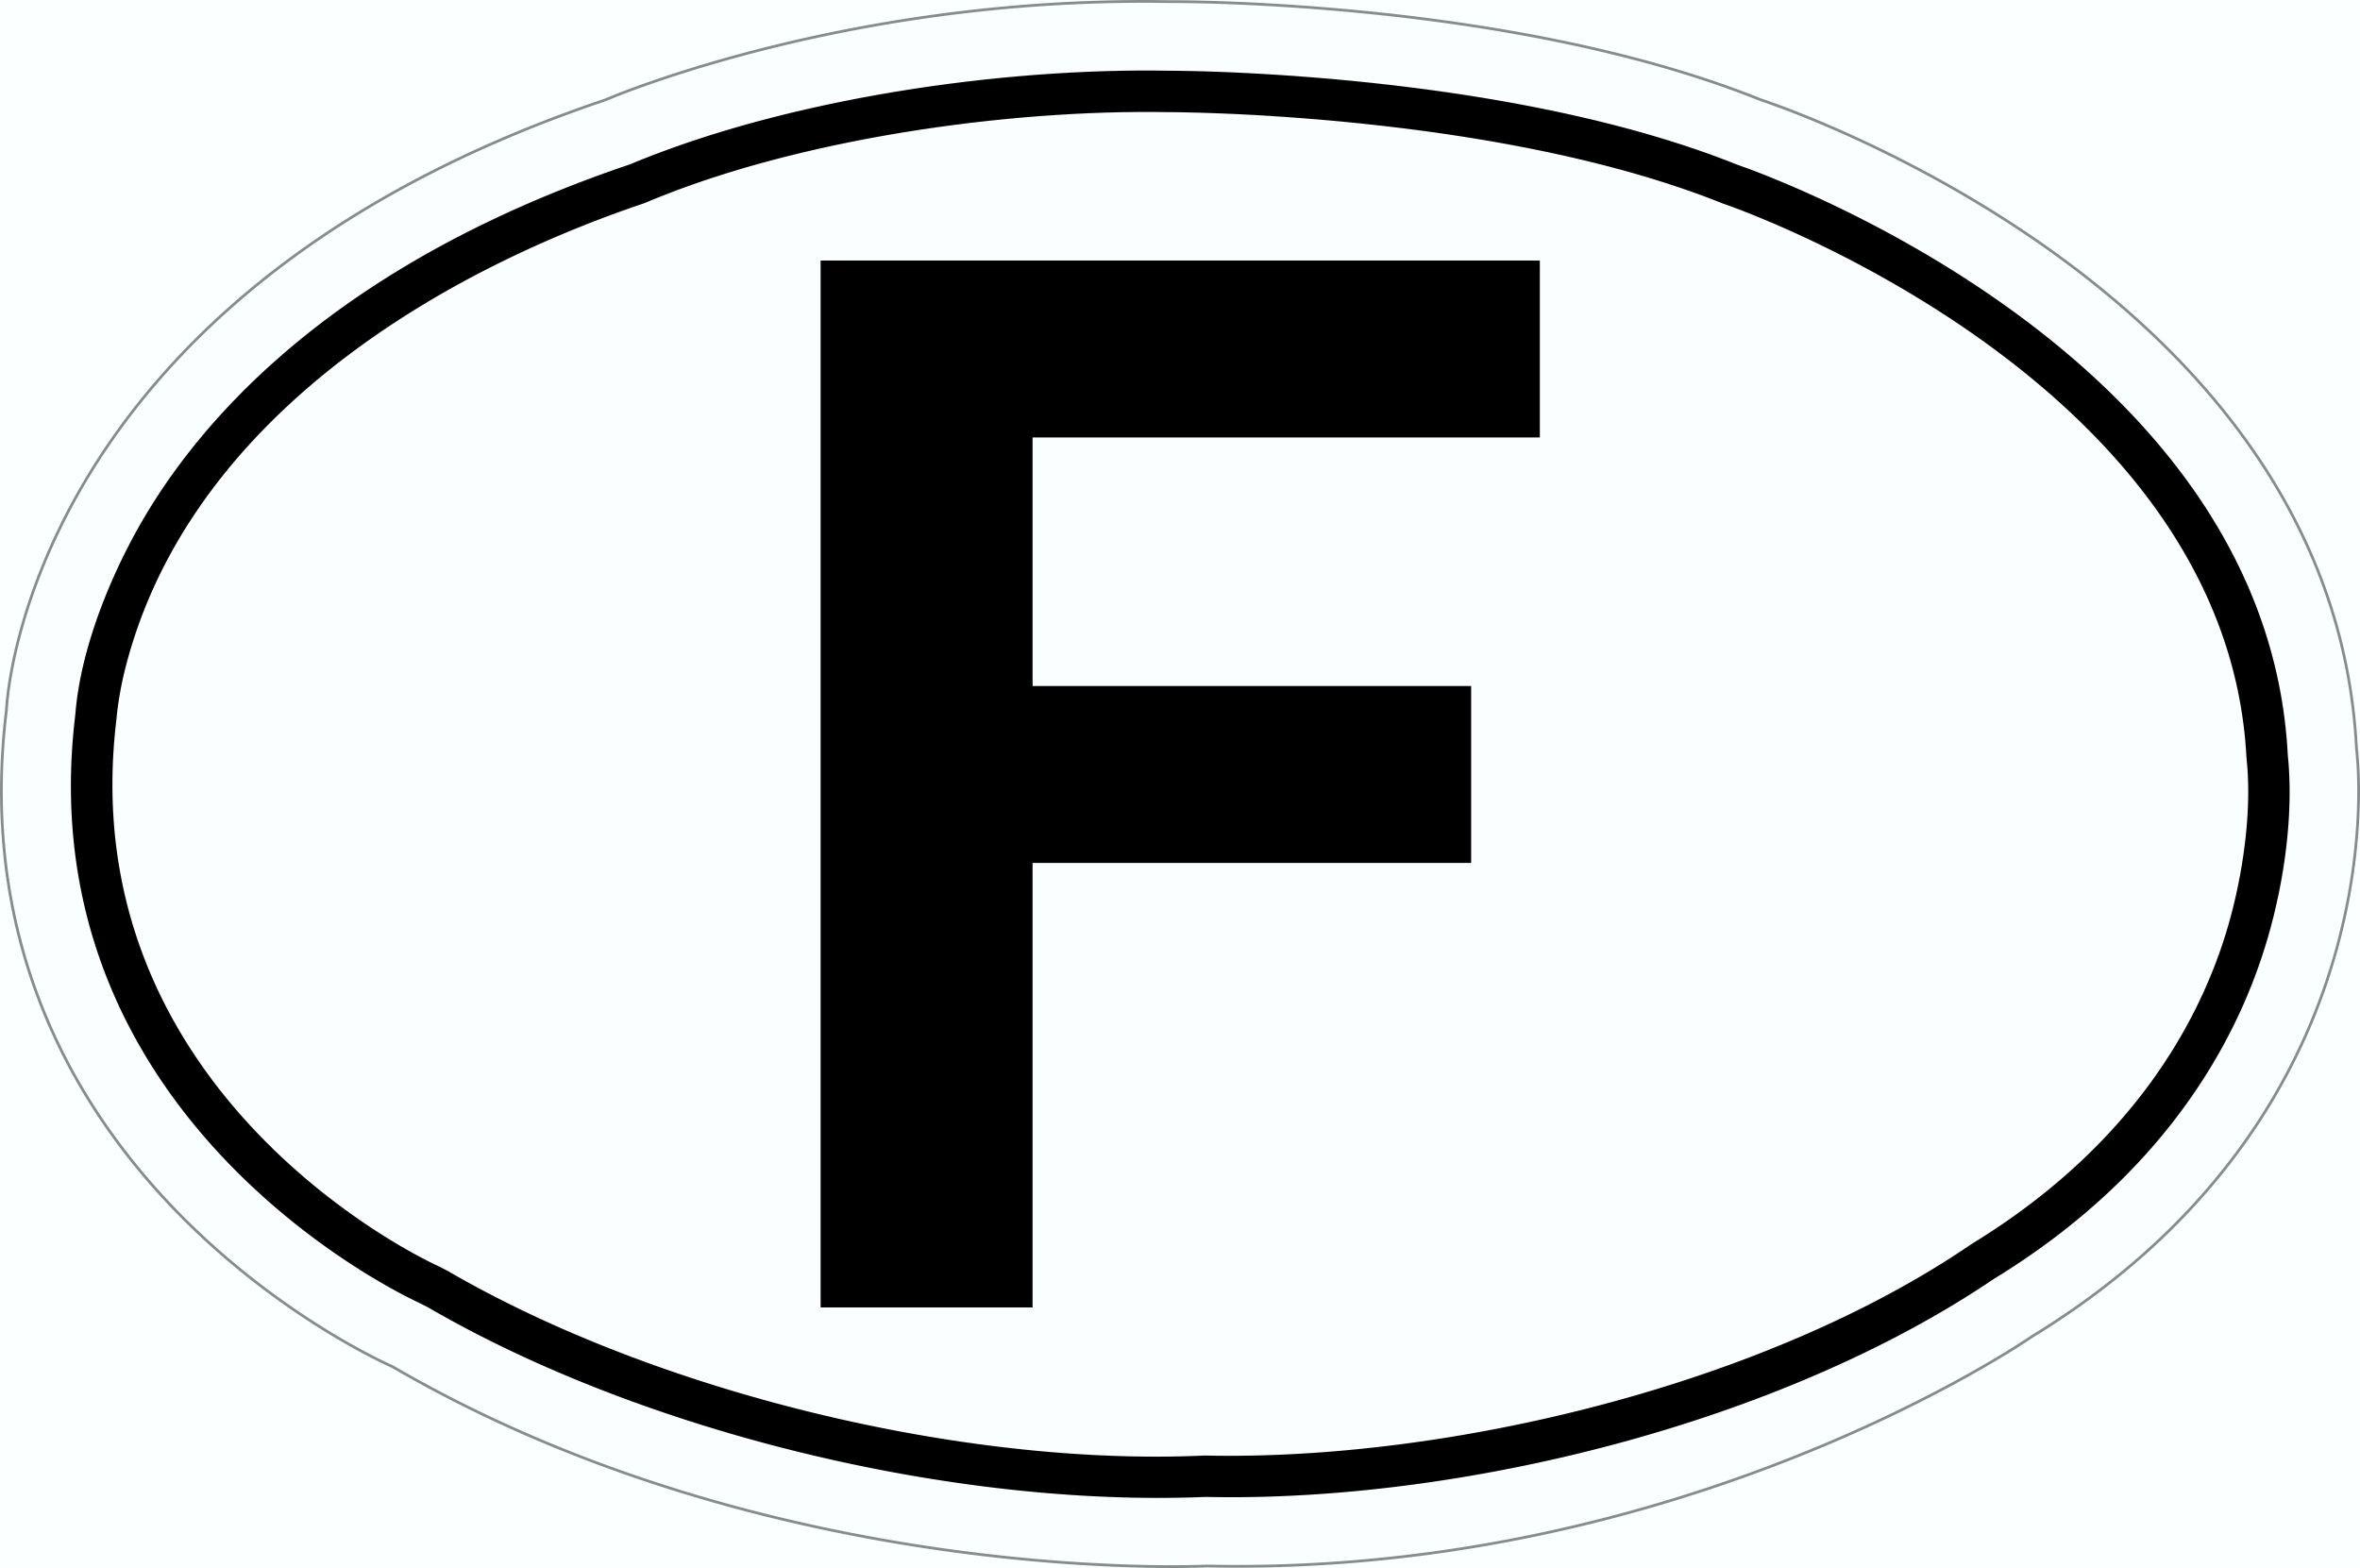 Sticker F-Plate 115 x 170 mm – Bild 1